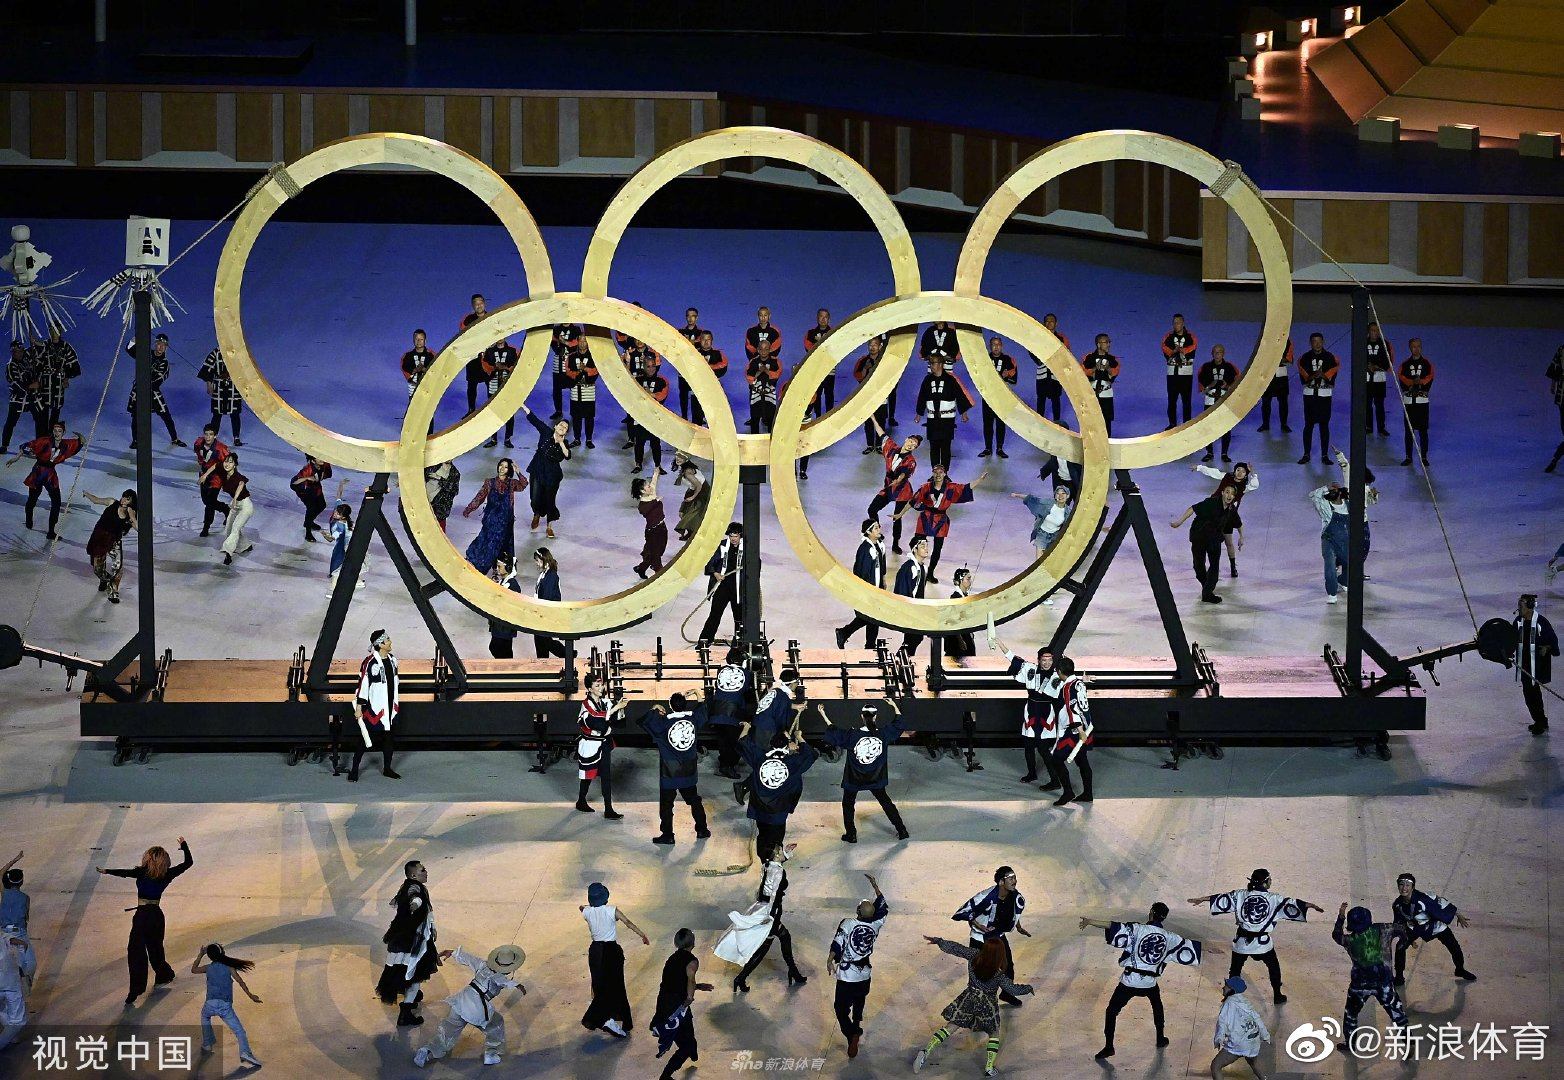 日本学者:疫情期间不该办奥运非办就该让中国办